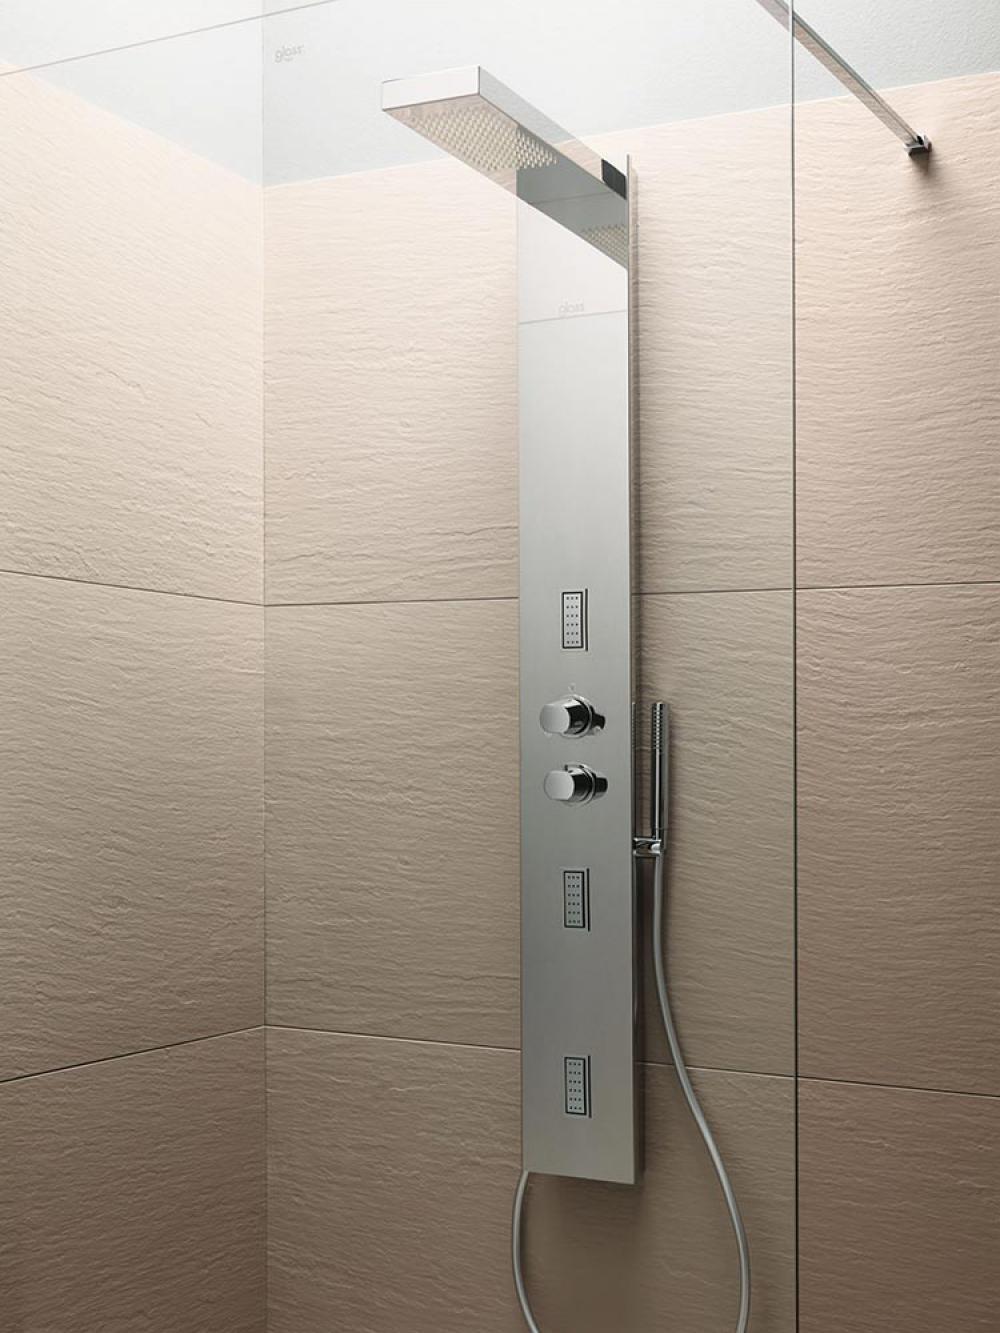 razor wall panneaux de rev tement mural en mineralite receveurs de douche et panneaux de. Black Bedroom Furniture Sets. Home Design Ideas